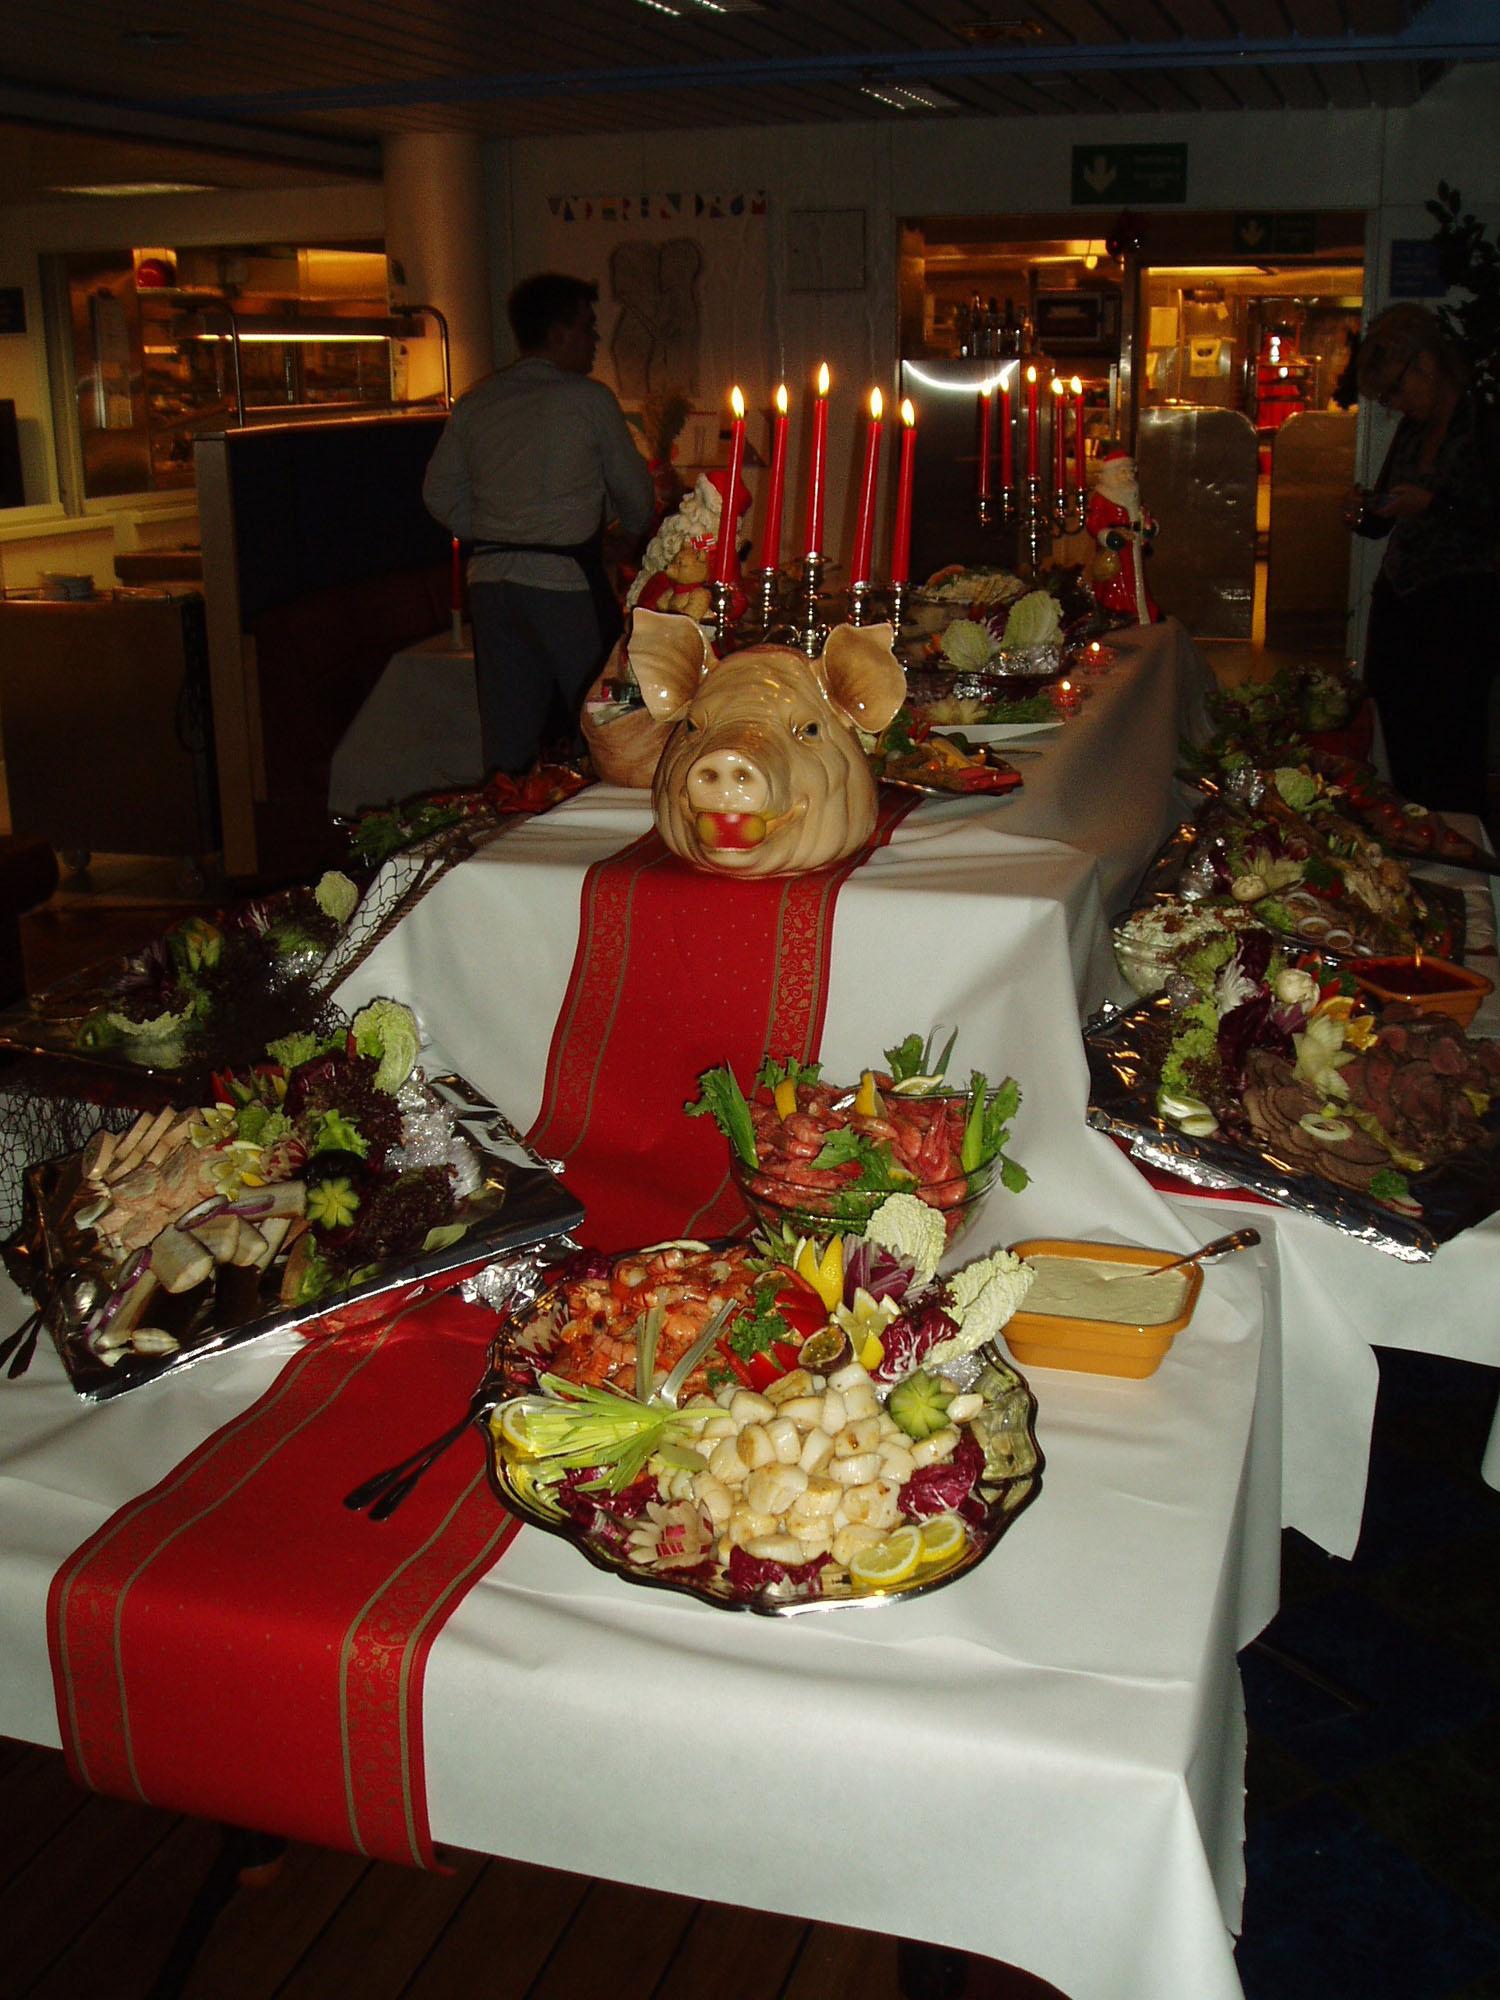 Måltidene offshore har hatt stor betydning for de ansatte helt siden starten. Her er julebuffeten dekket med blant annet sjøkreps, reker, kamskjell, forskjellige typer kjøtt, kabaret og diverse salater. Foto: Ukjent